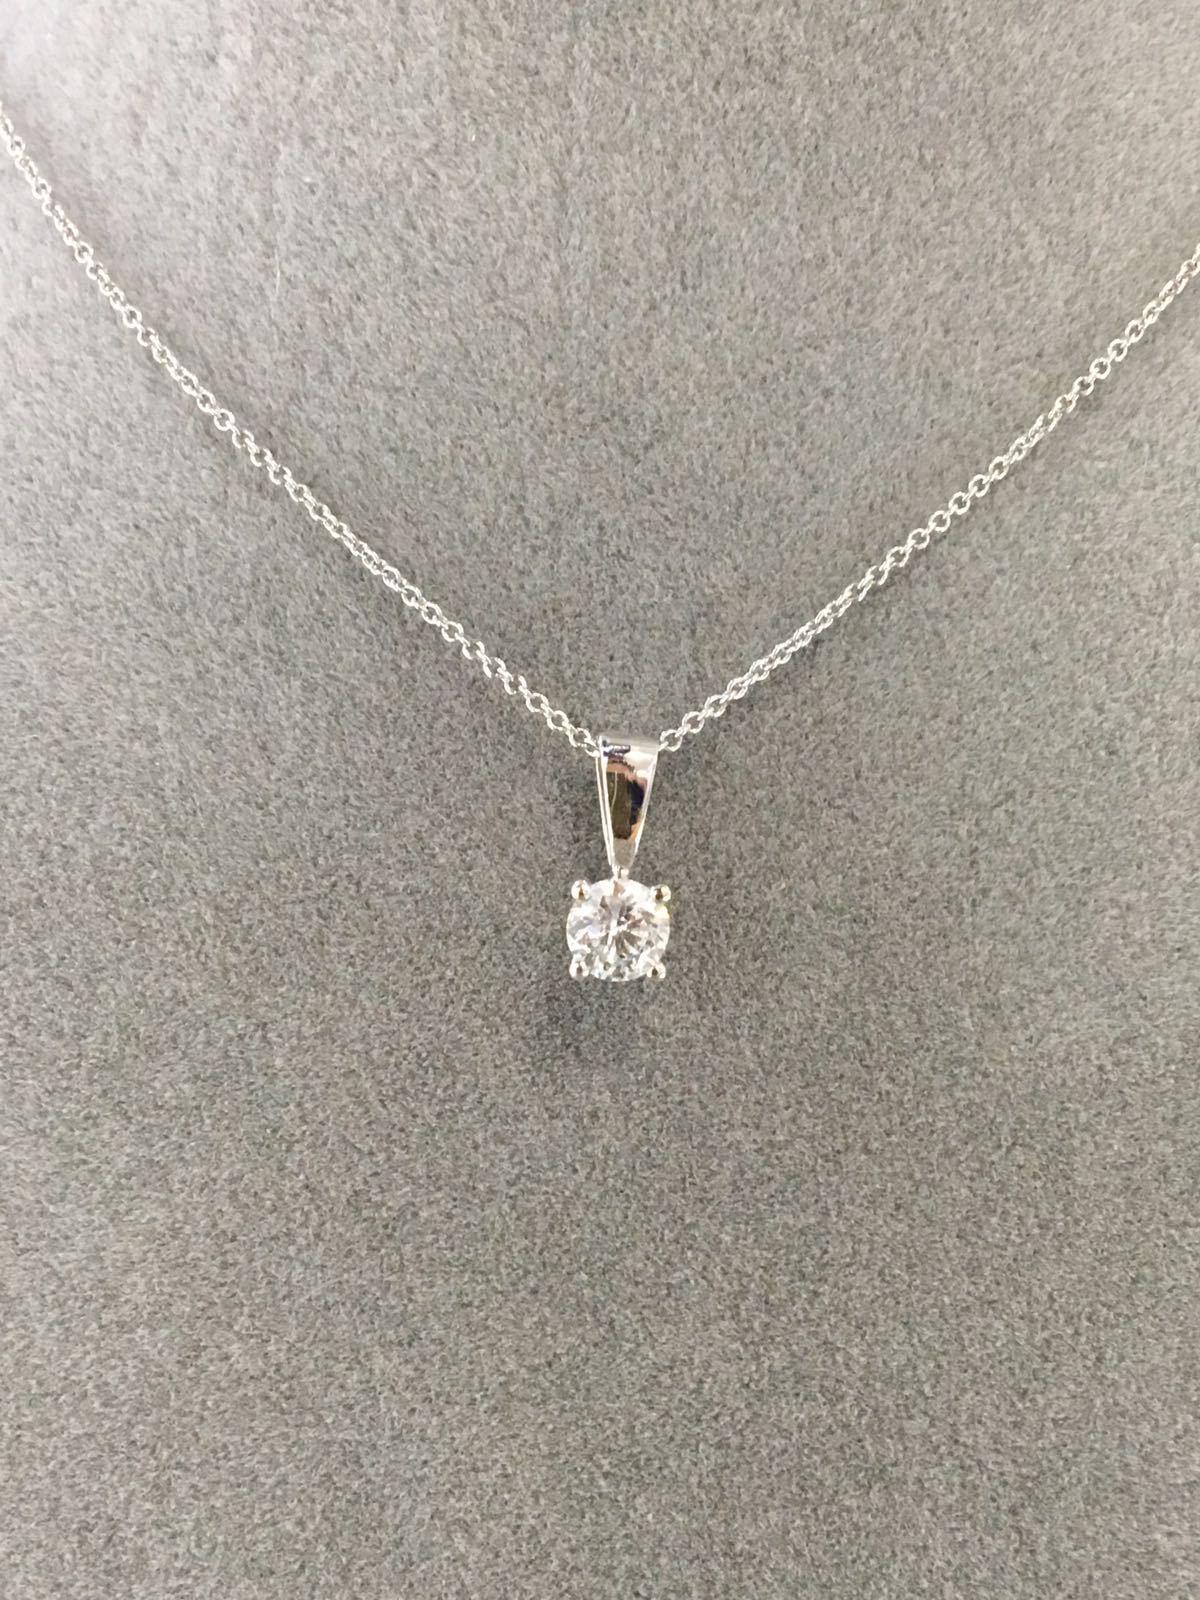 White Gold Round Diamond Pendant